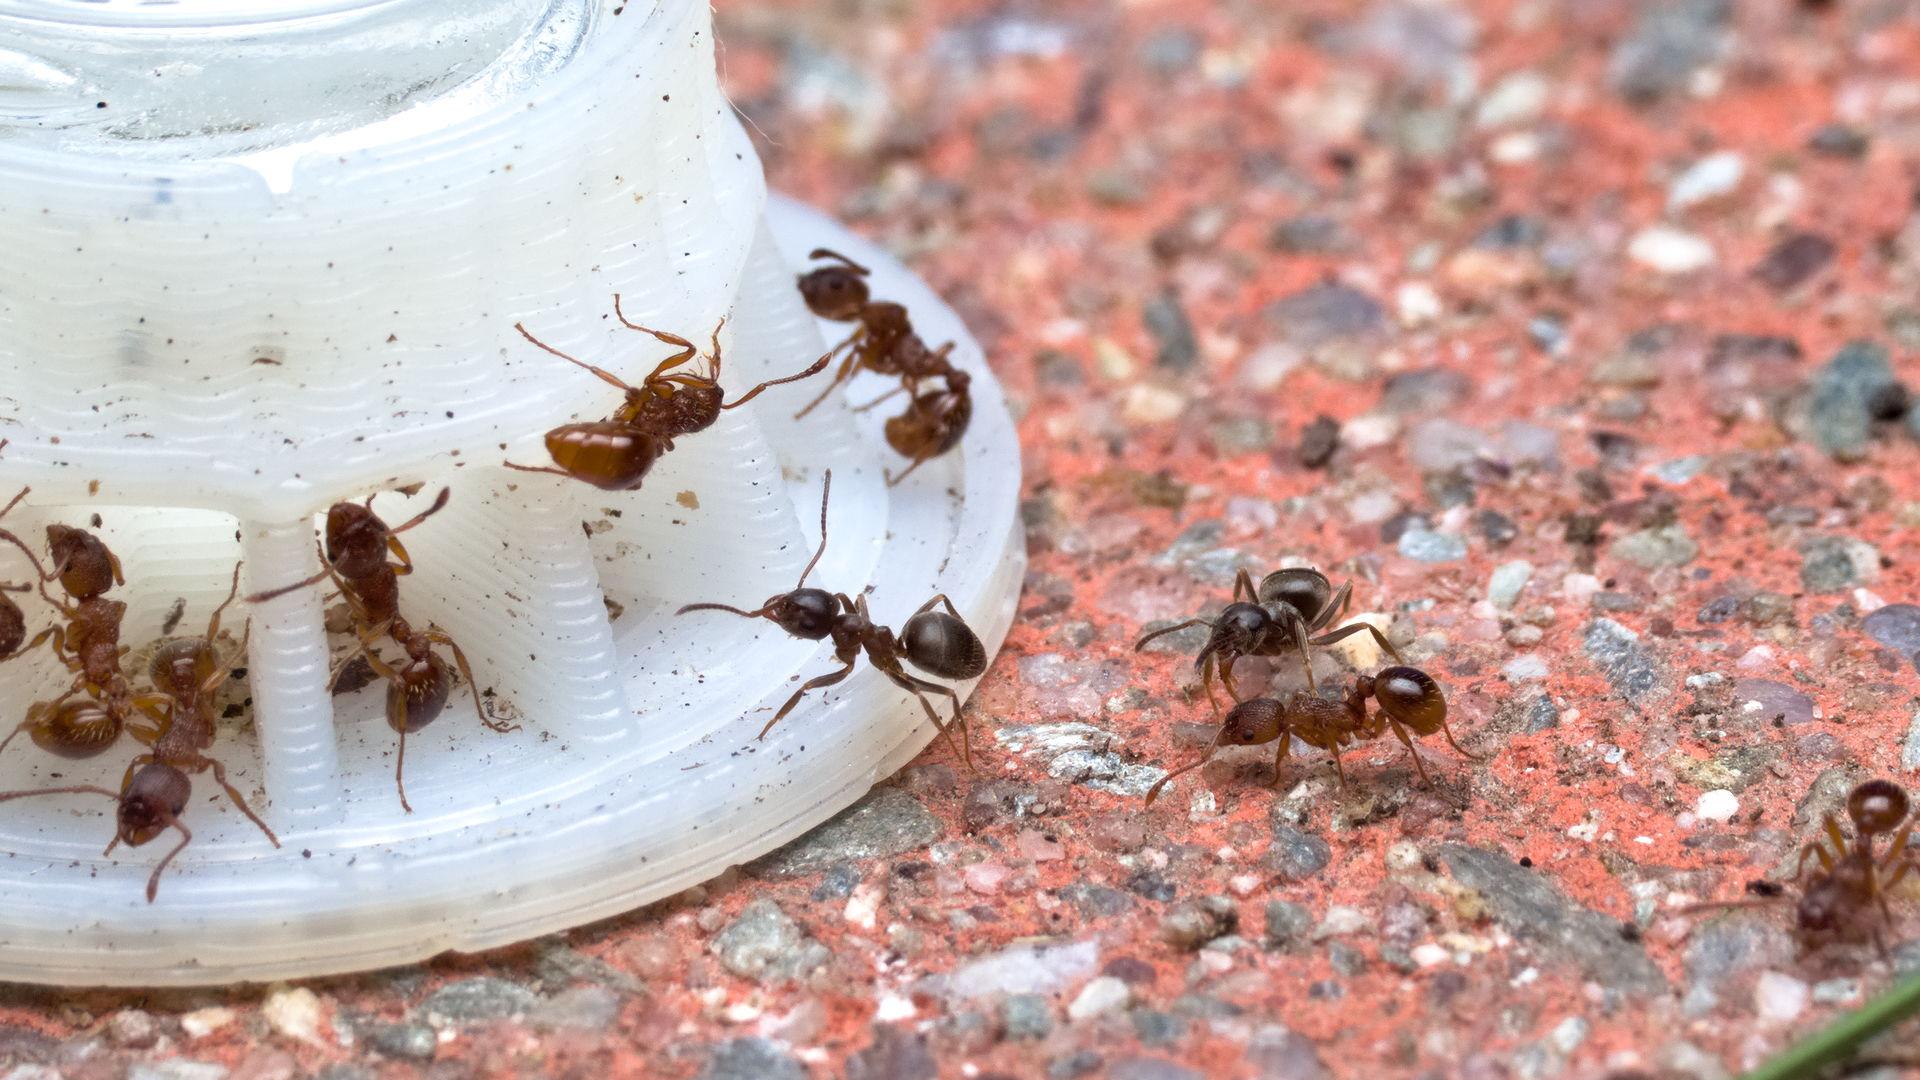 Lasius niger Arbeiterinnen eilen zur Ameisentränke